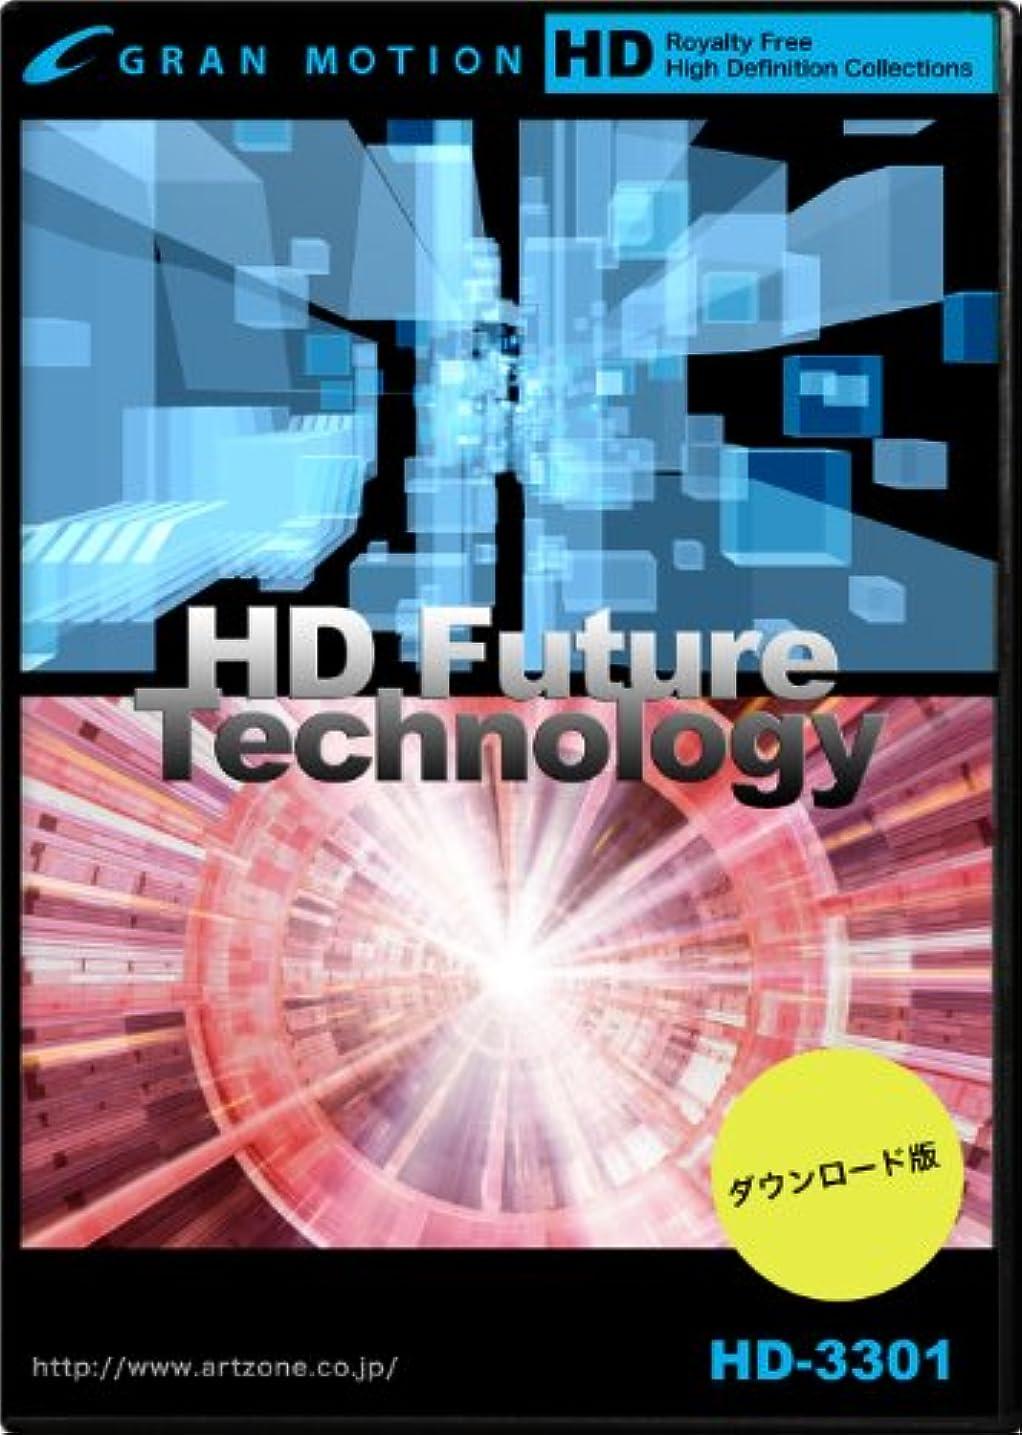 期待してアクセサリー毛細血管グランモーション HD-3301 フューチャーテクノロジー [ダウンロード]